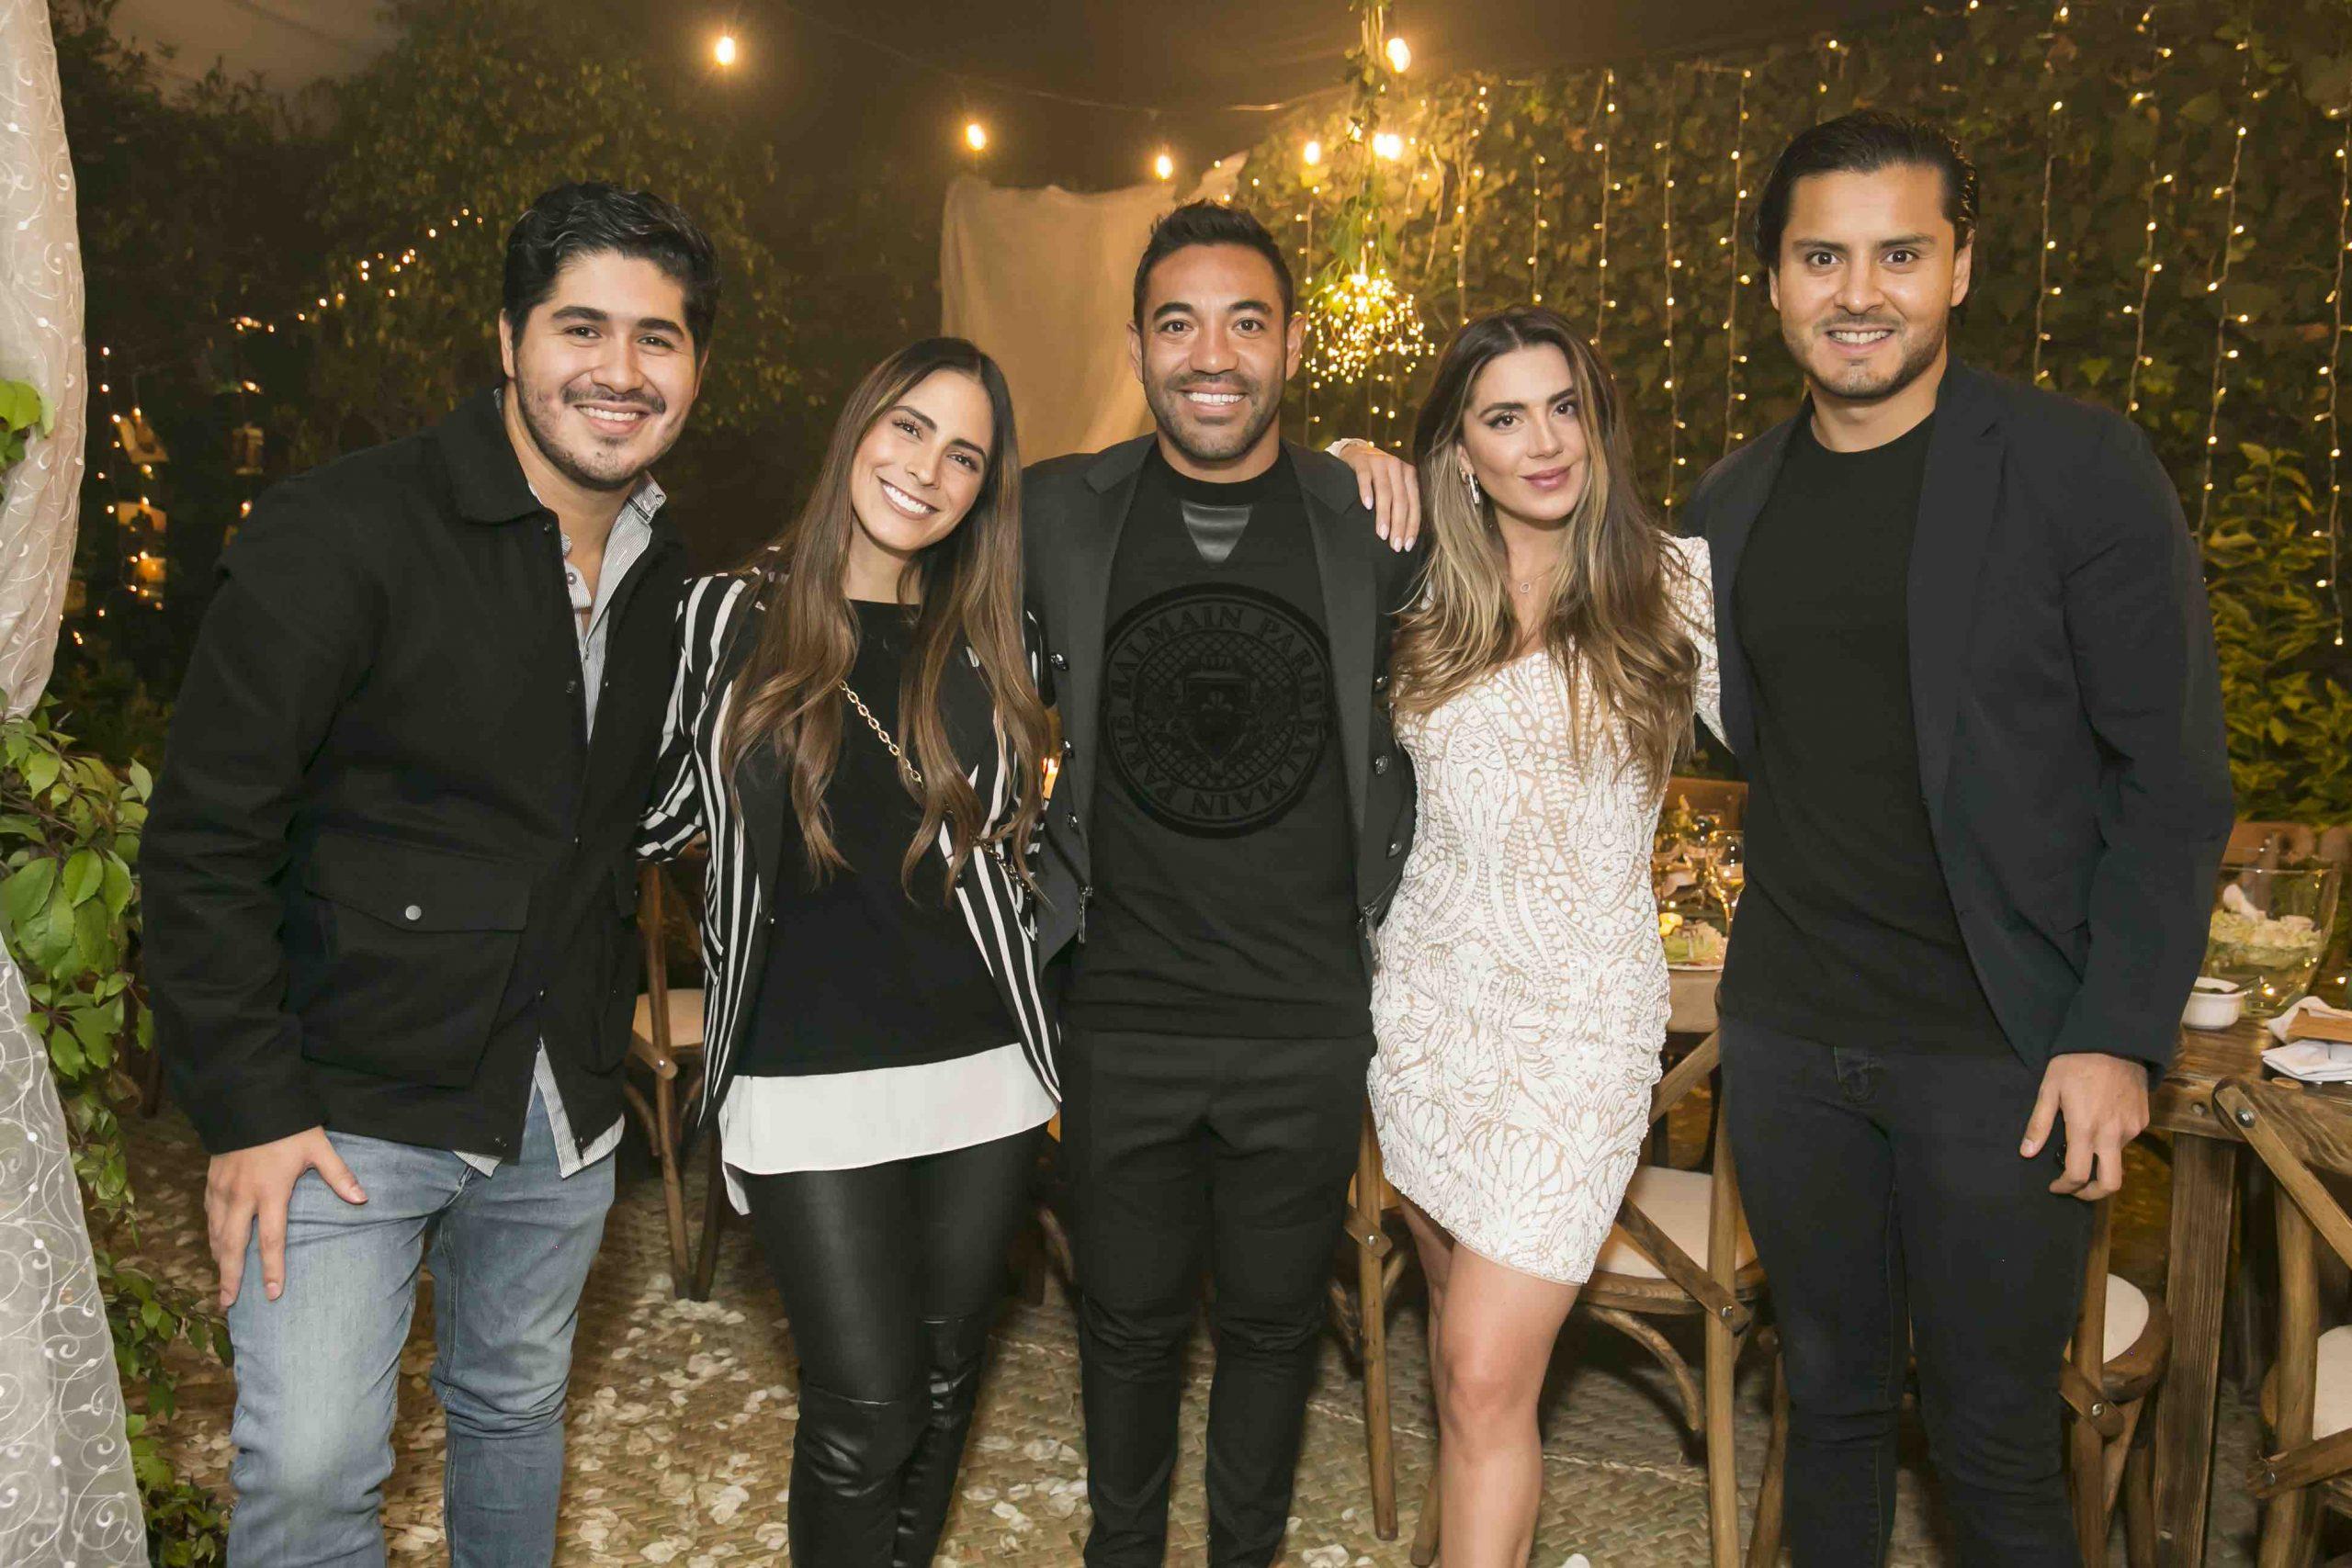 Alberto Martínez, Valeria Marin, Marco Fabián, Kristel-Fabre y Pablo Sandoval